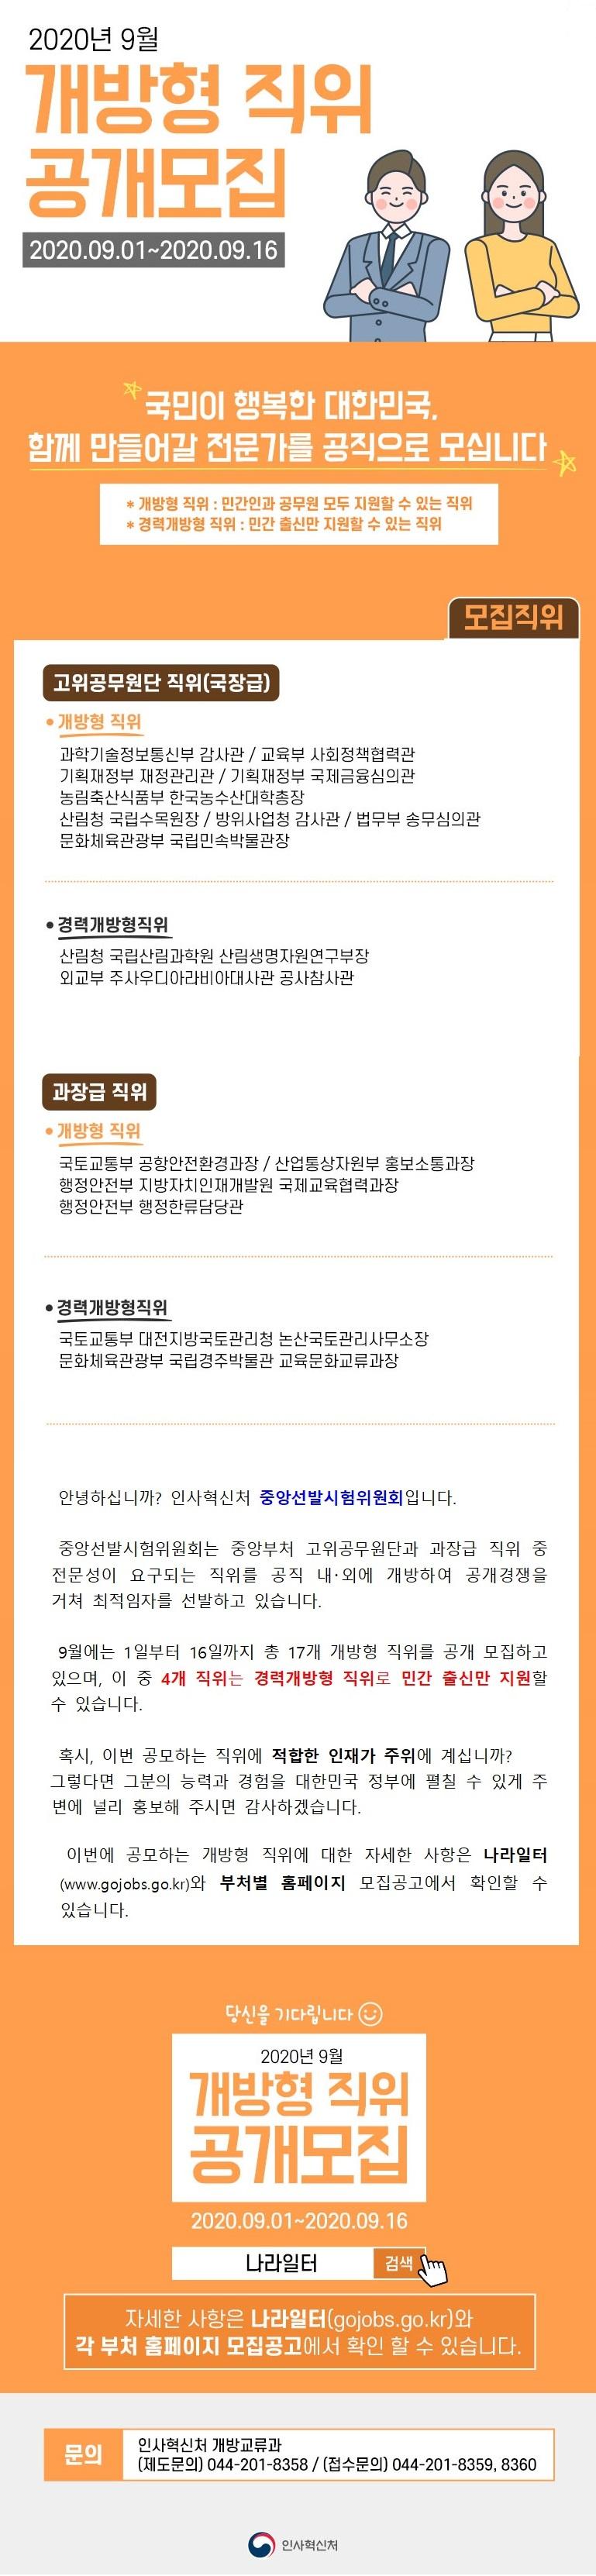 20.9.인사혁신처개방형.png